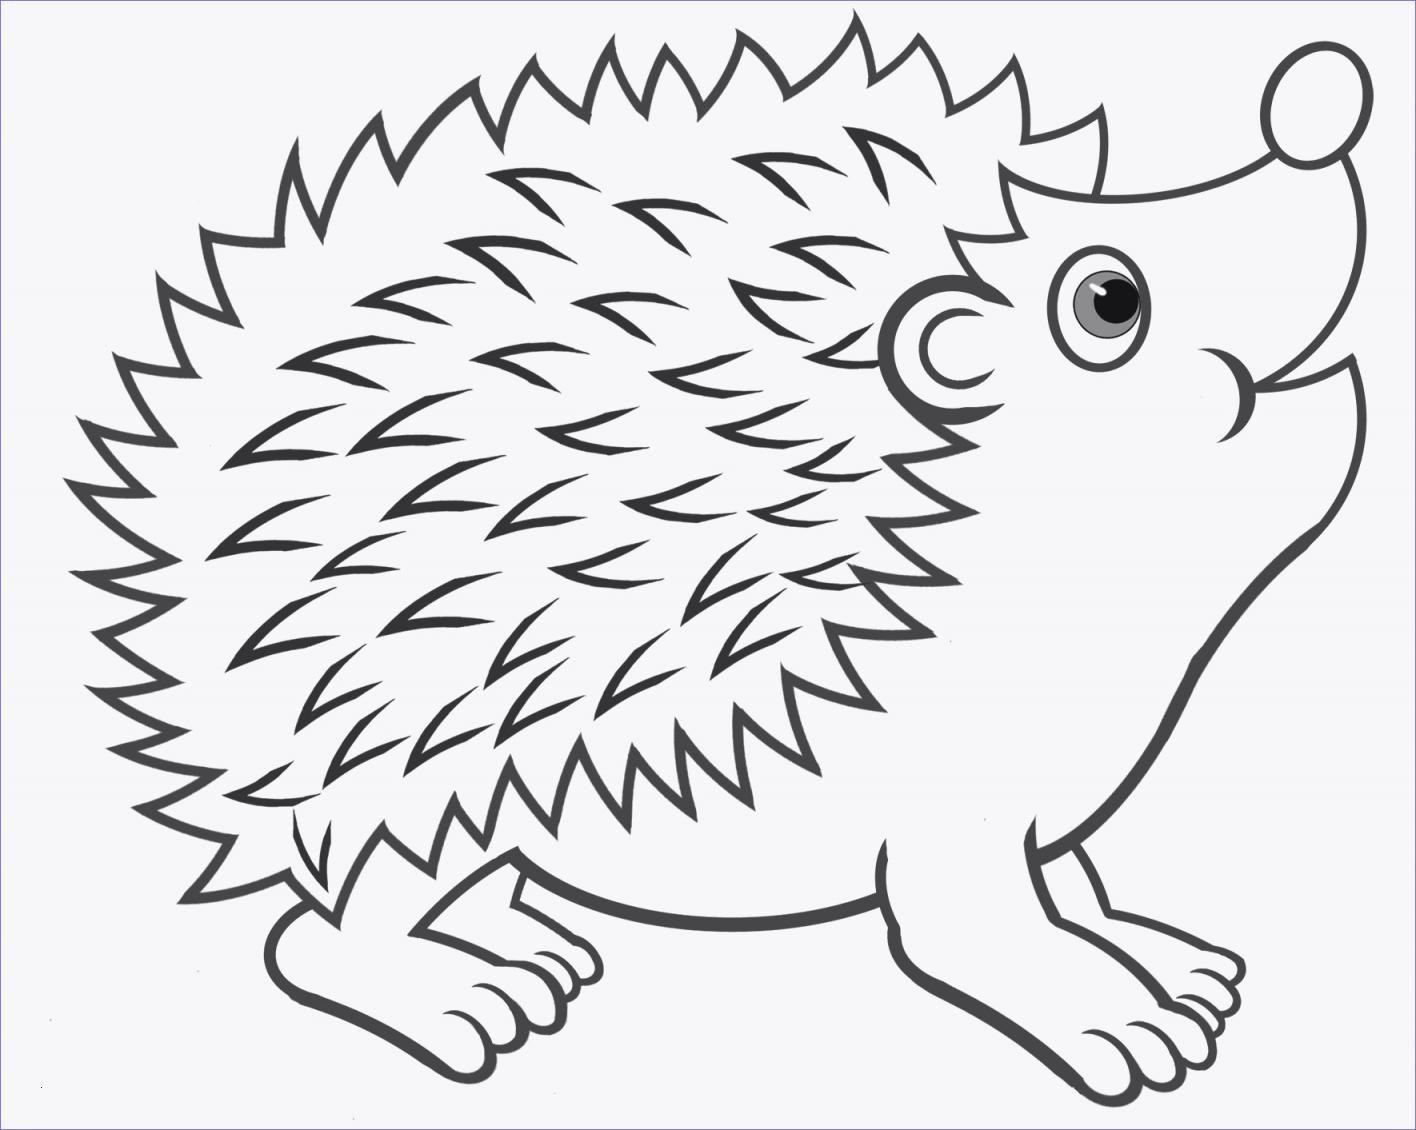 Ausmalbilder Tiere Im Wald Frisch Malvorlagen Igel Uploadertalk Neu Ausmalbilder Tiere Im Wald Bild